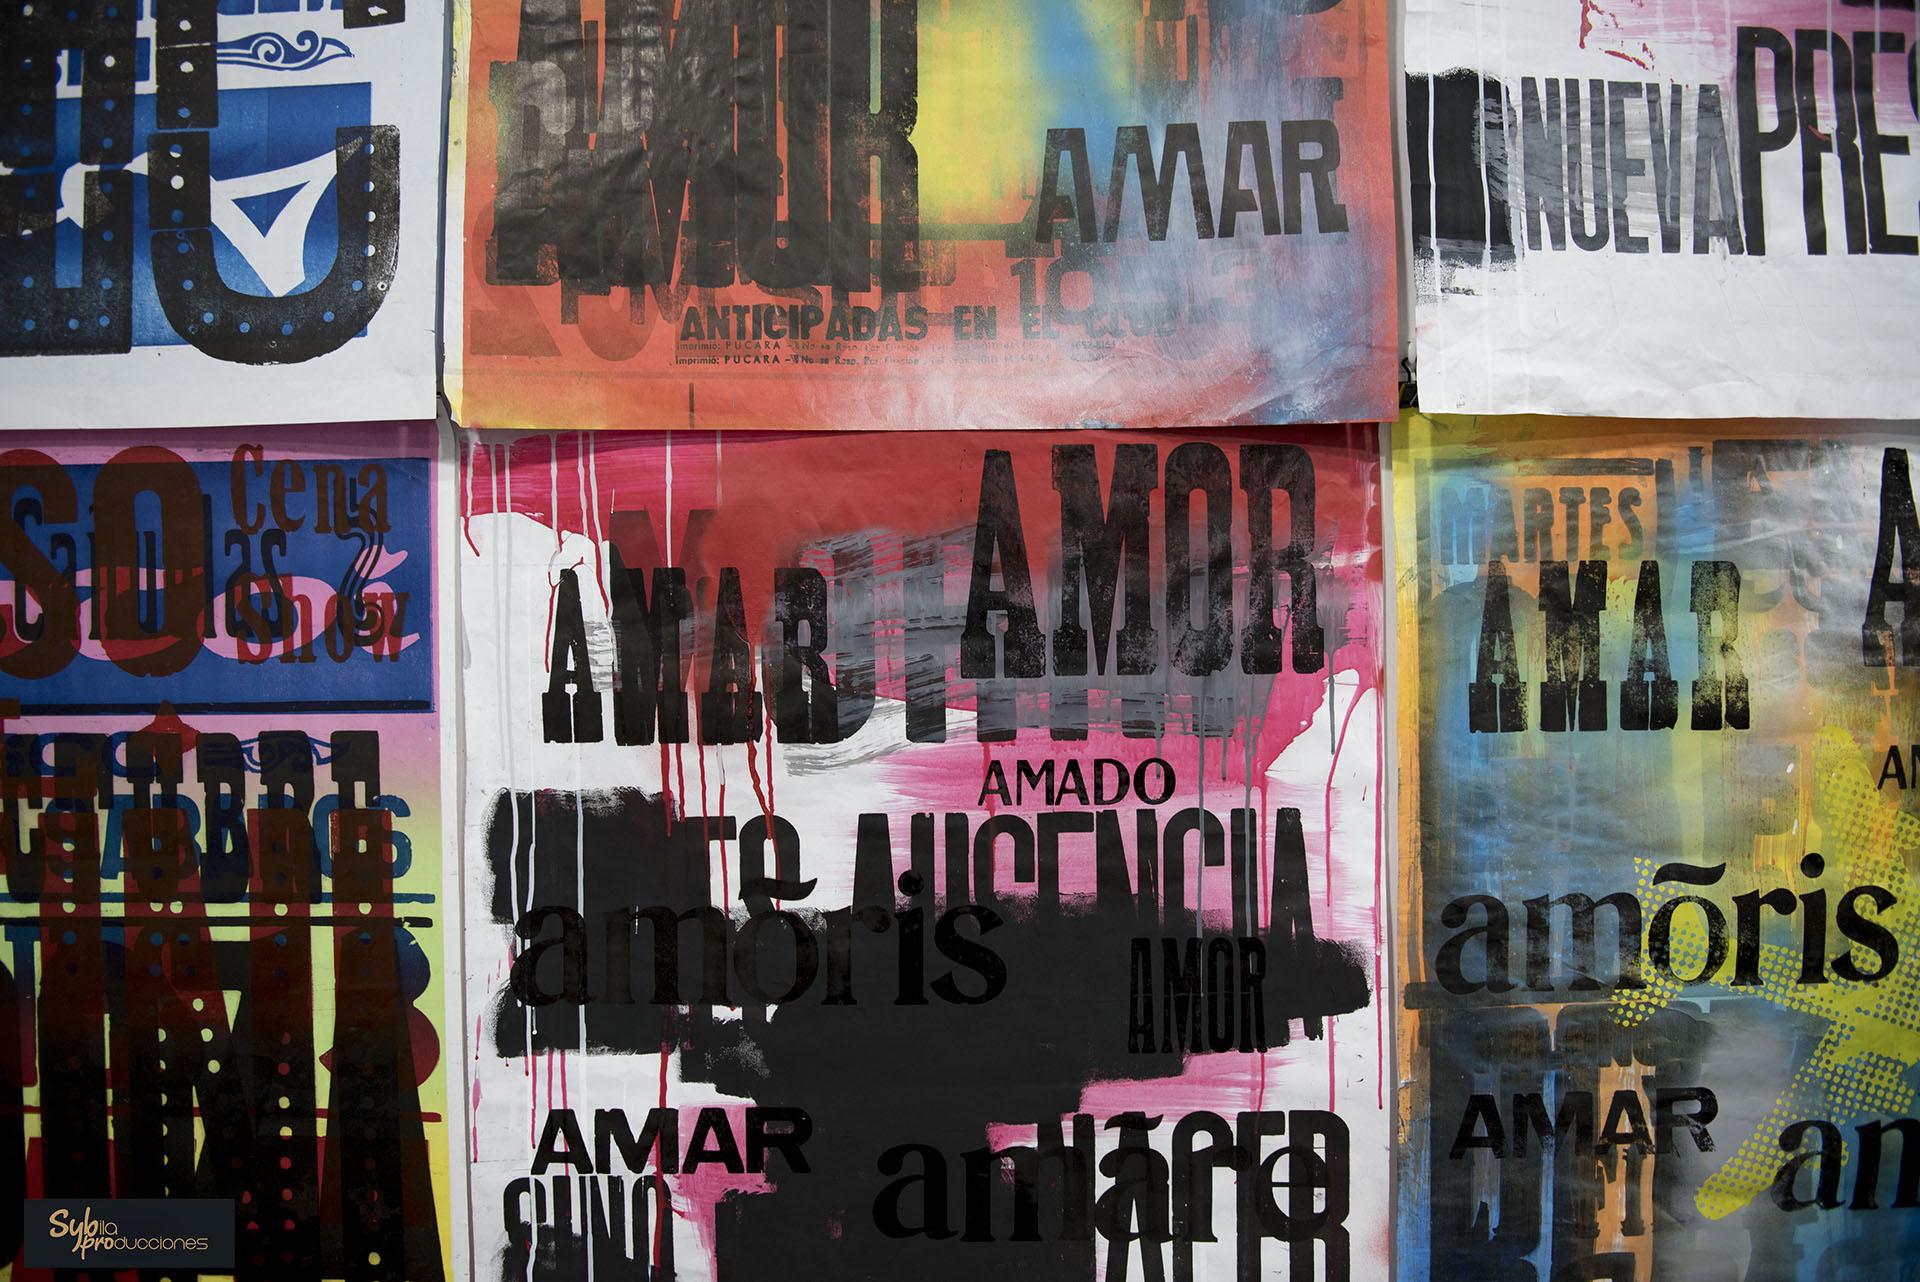 FACA, la nueva feria de arte contemporáneo, se consolida como un espacio de exhibición y circulación de las últimas tendencias del arte contemporáneo